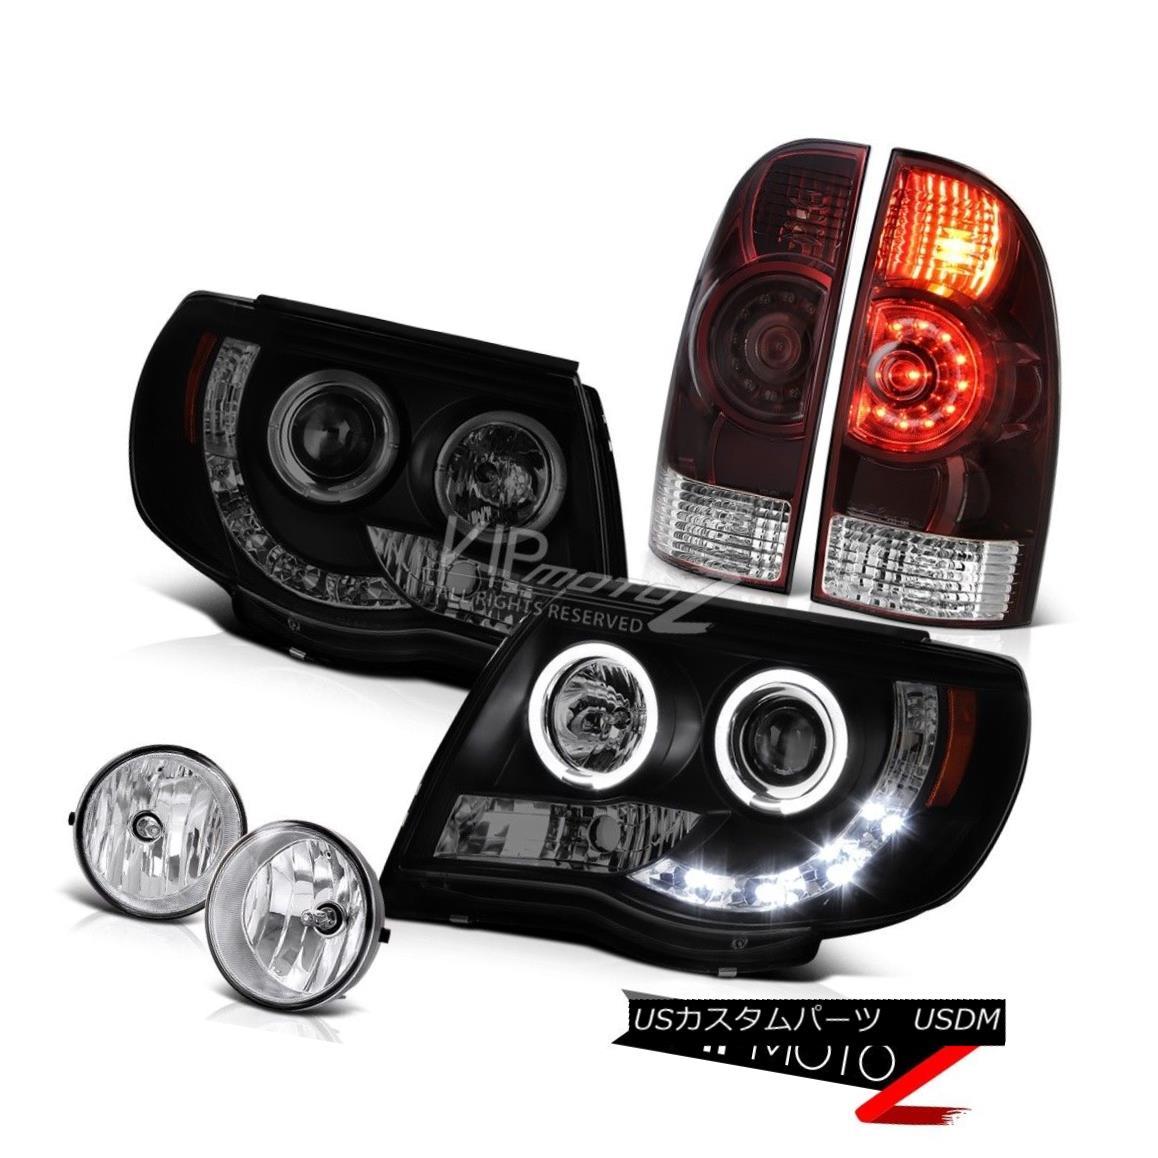 ヘッドライト 05-11 Tacoma 4.0L Taillamps dark tinted headlamps chrome foglamps LED Dual Halo 05-11タコマ4.0LタイルランプダークトーンヘッドランプクロムフォグランプLEDデュアルヘイロー